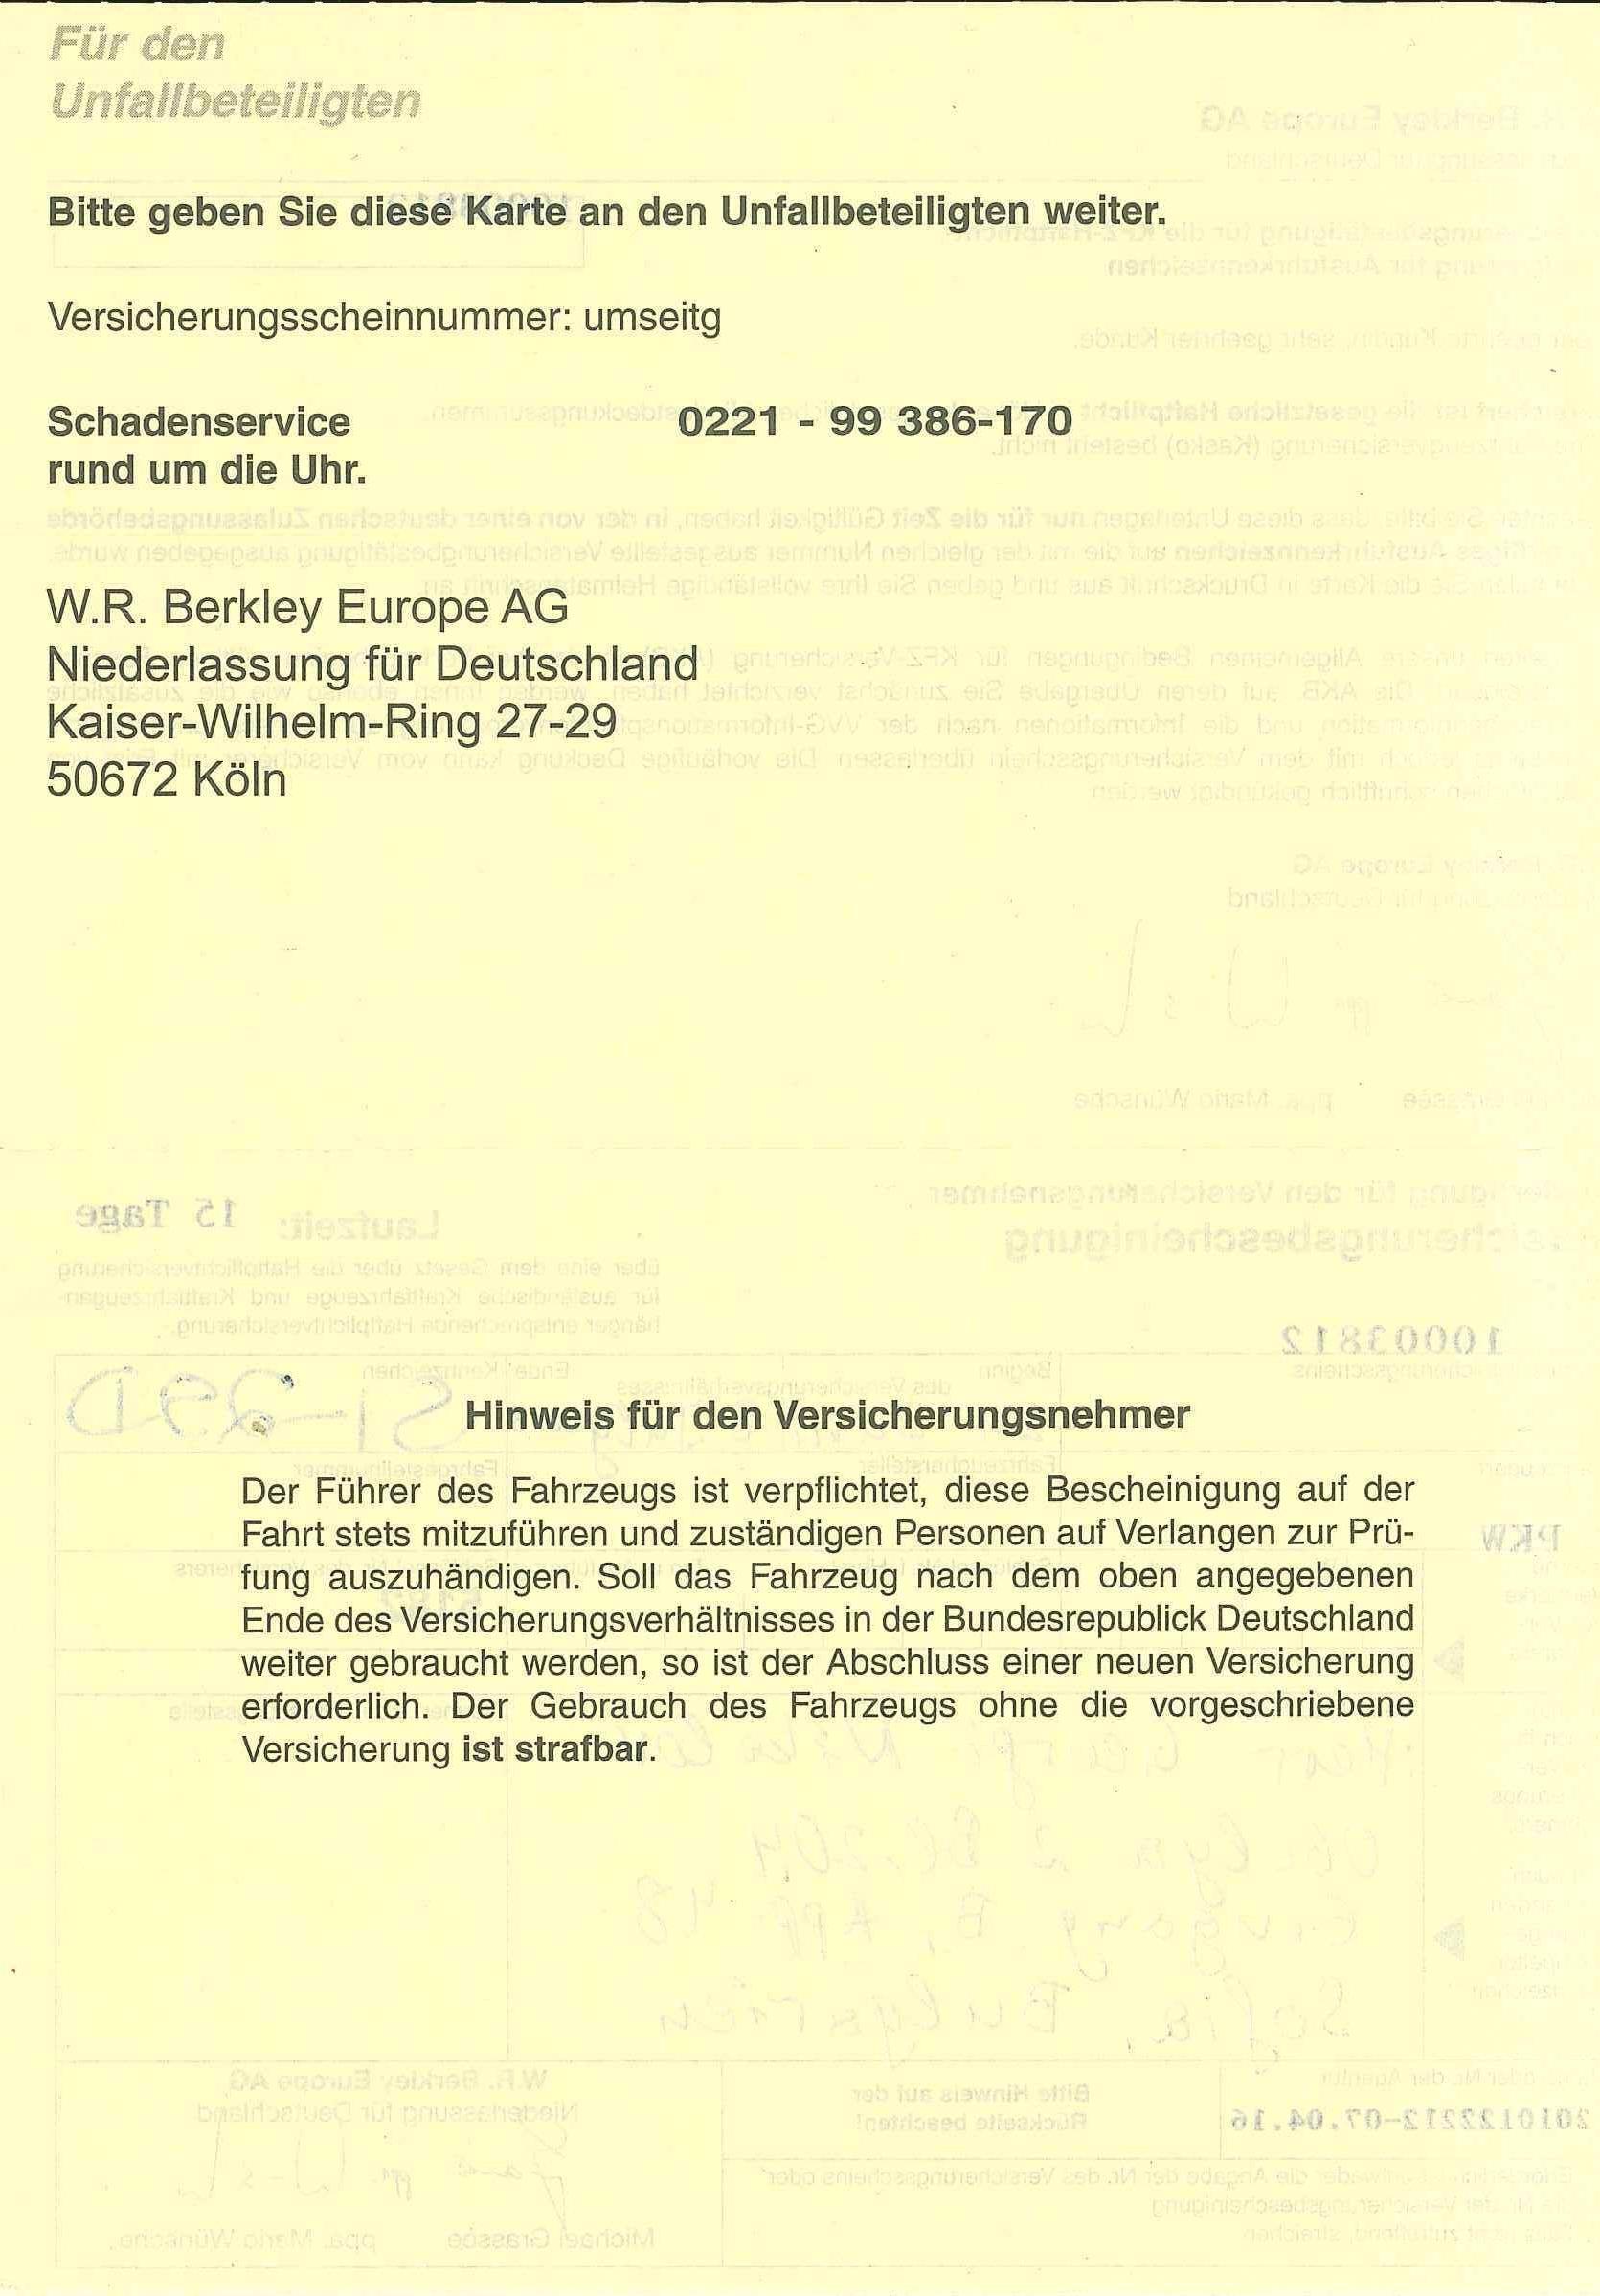 Versicherung_Gruene_Karte_Ausfuhrkennzeichen-back